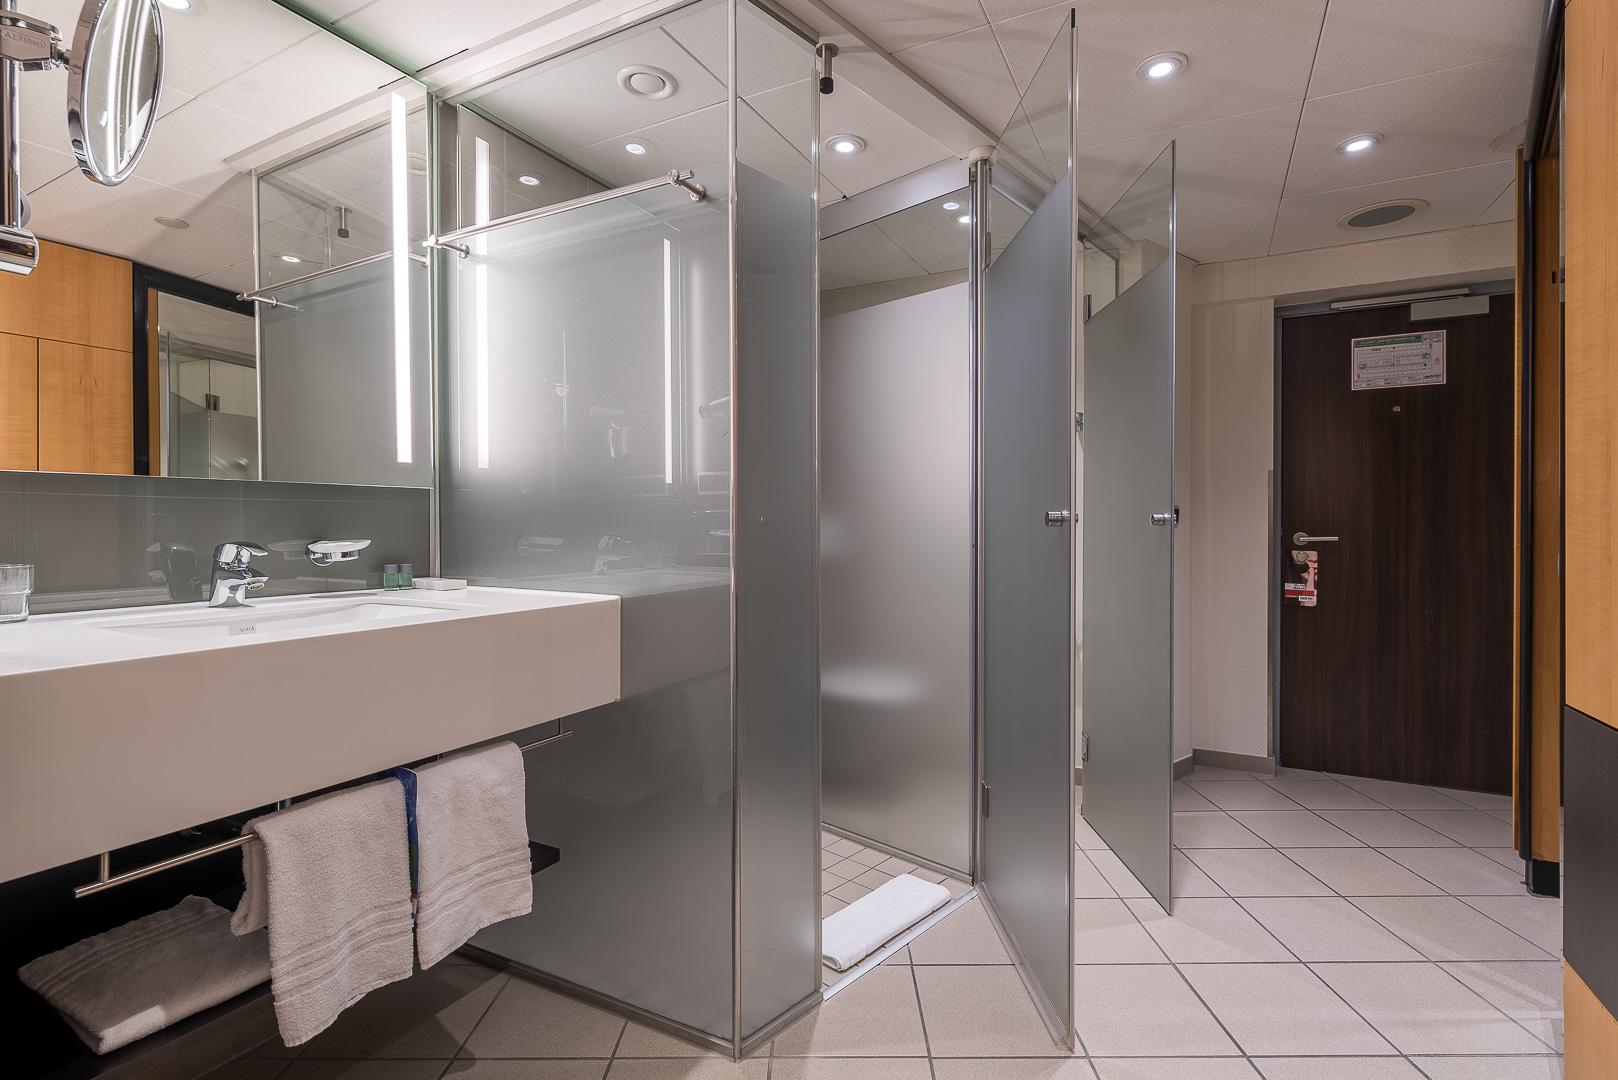 Hotelzimmer, Dusche, WC